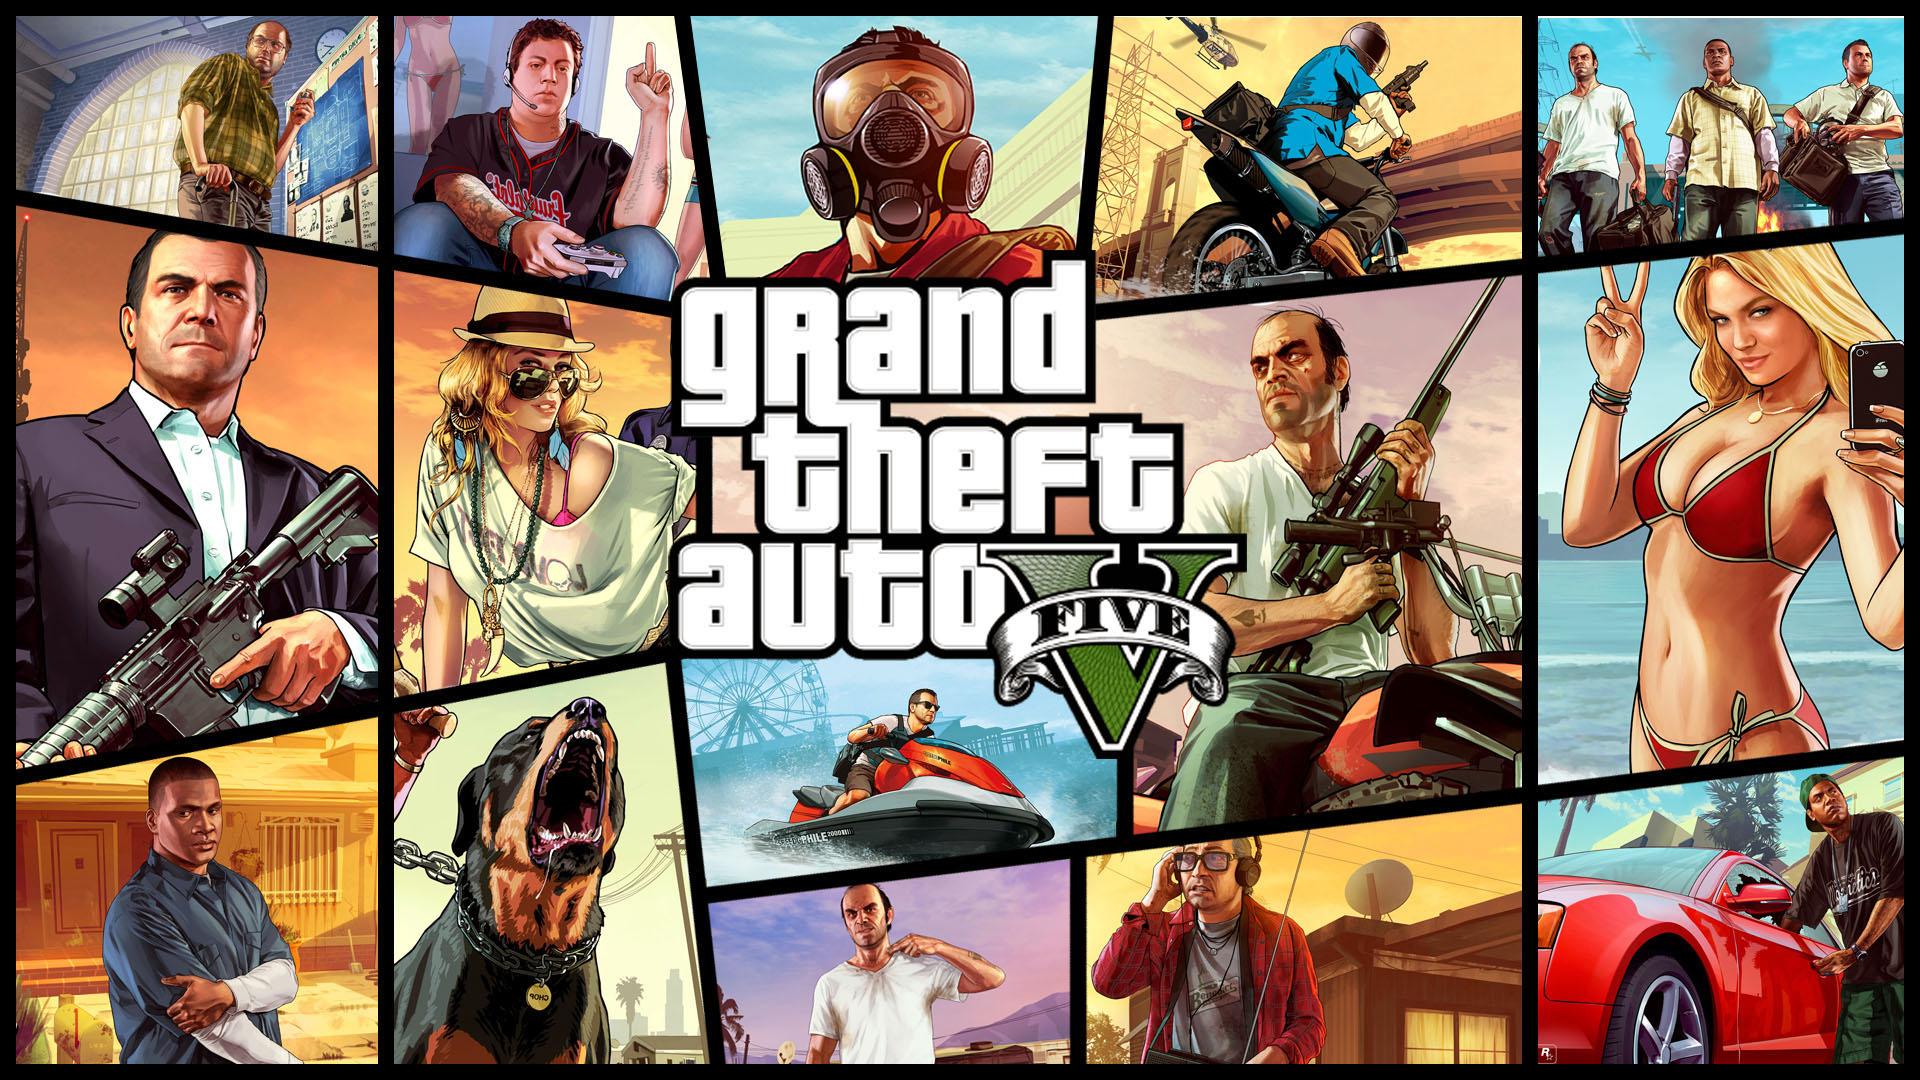 Grand-Theft-Auto-V-GTA-5-games-hit2k